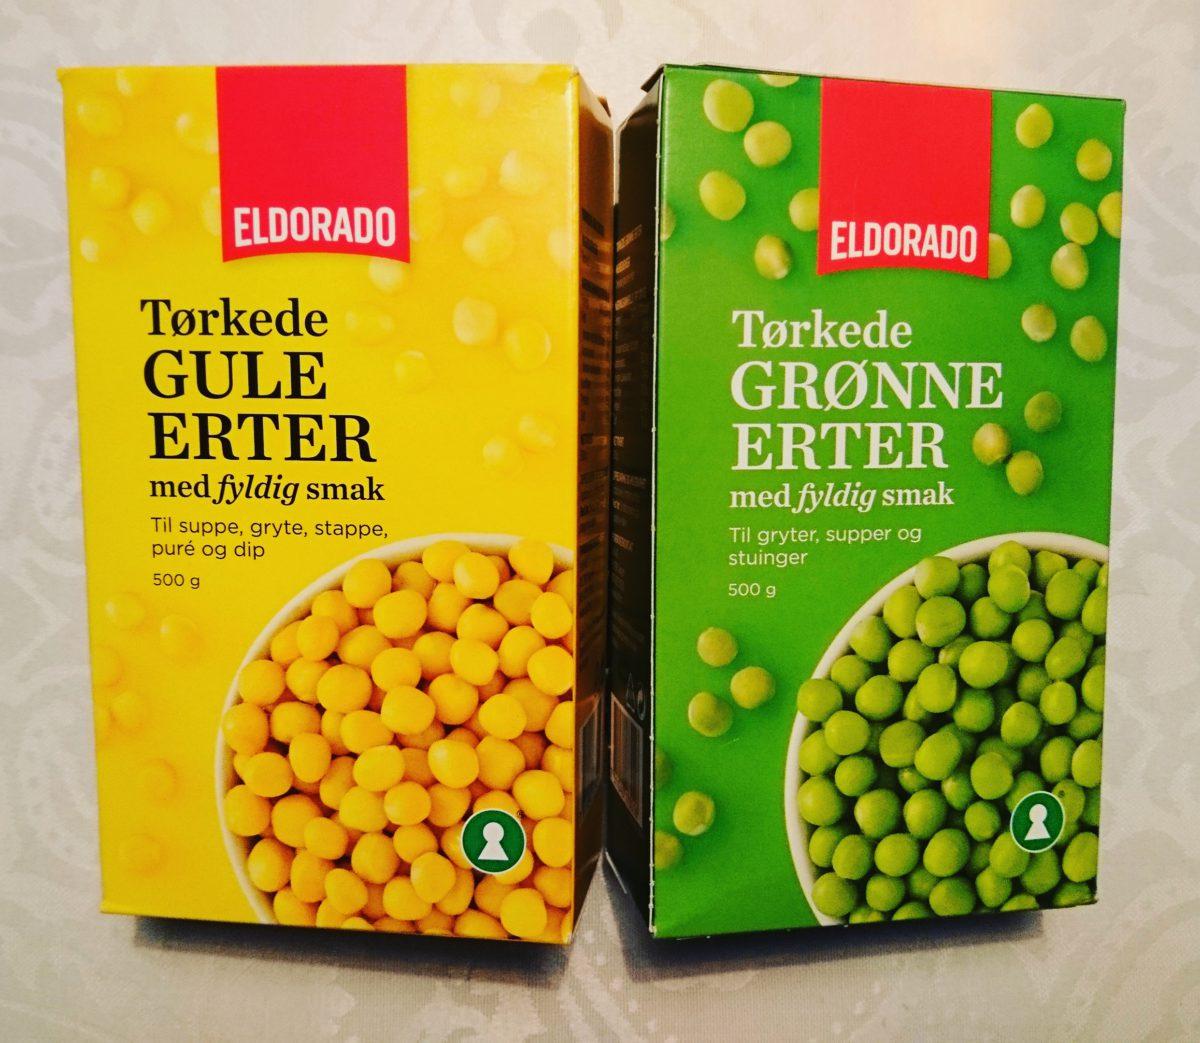 Er gule eller grønne erter størst?